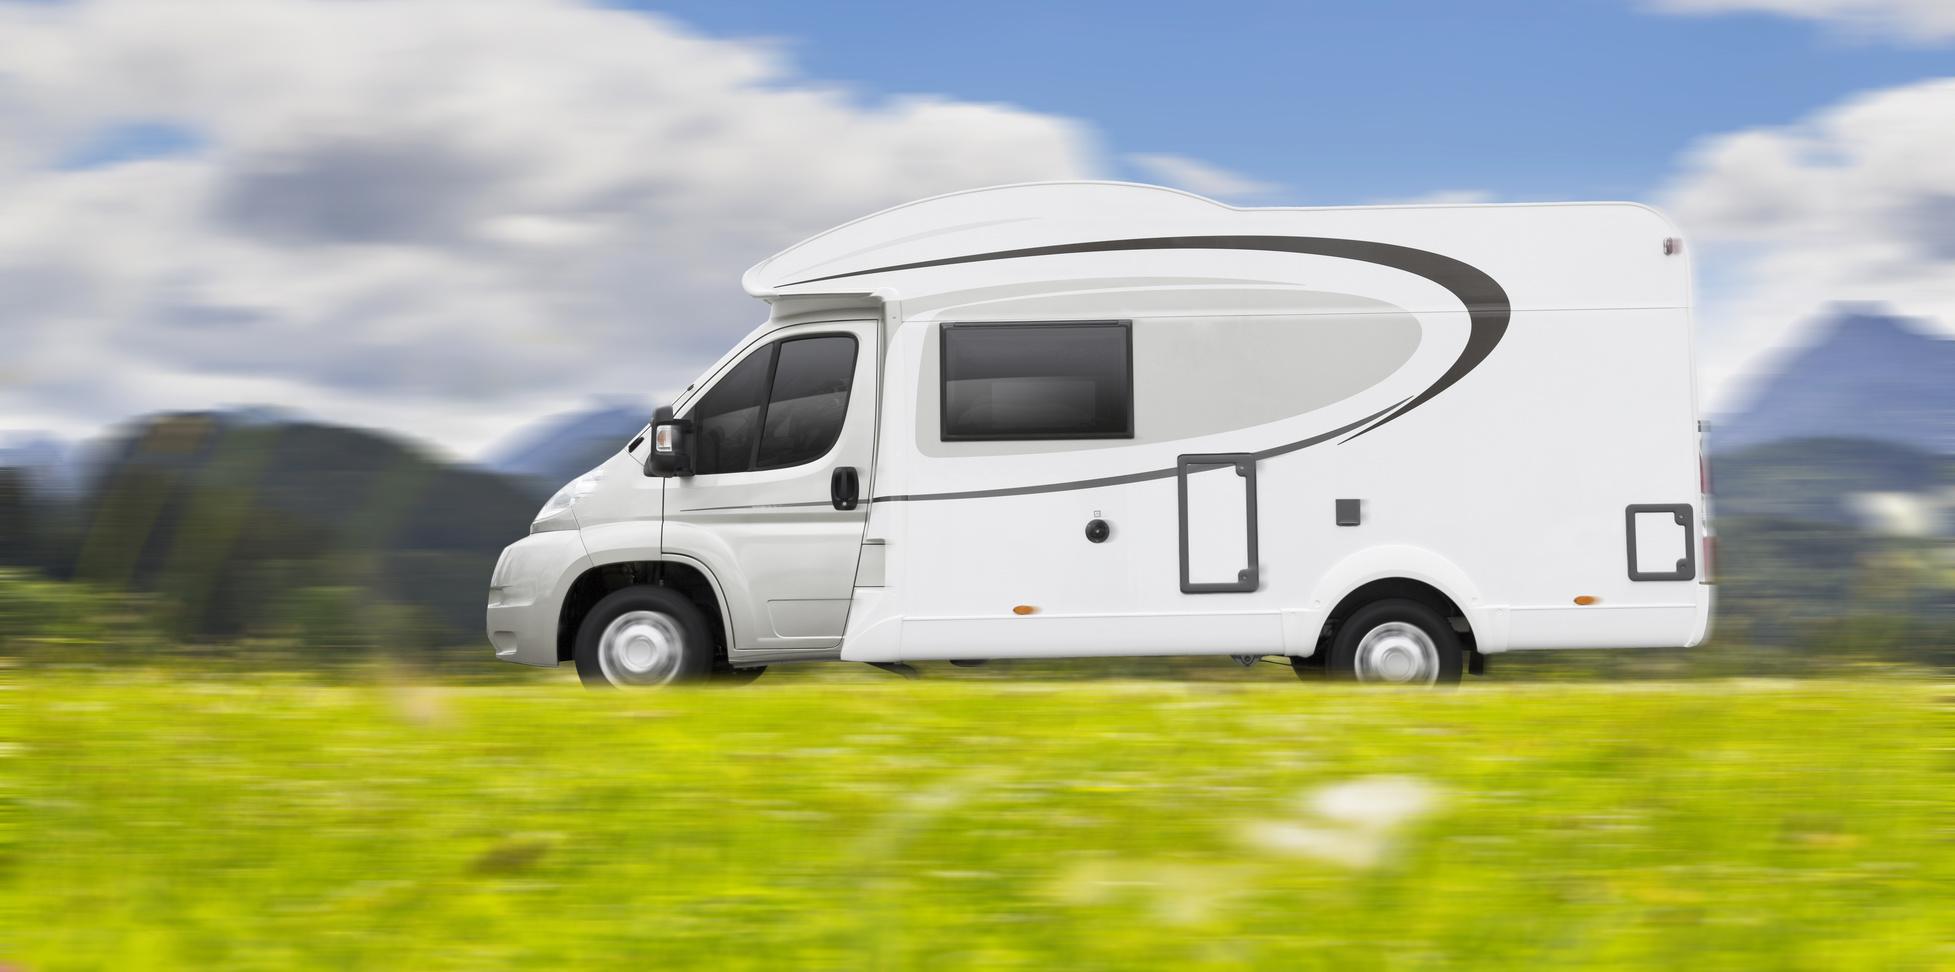 Les Documents 224 Fournir 224 L Acheteur De Son Camping Car